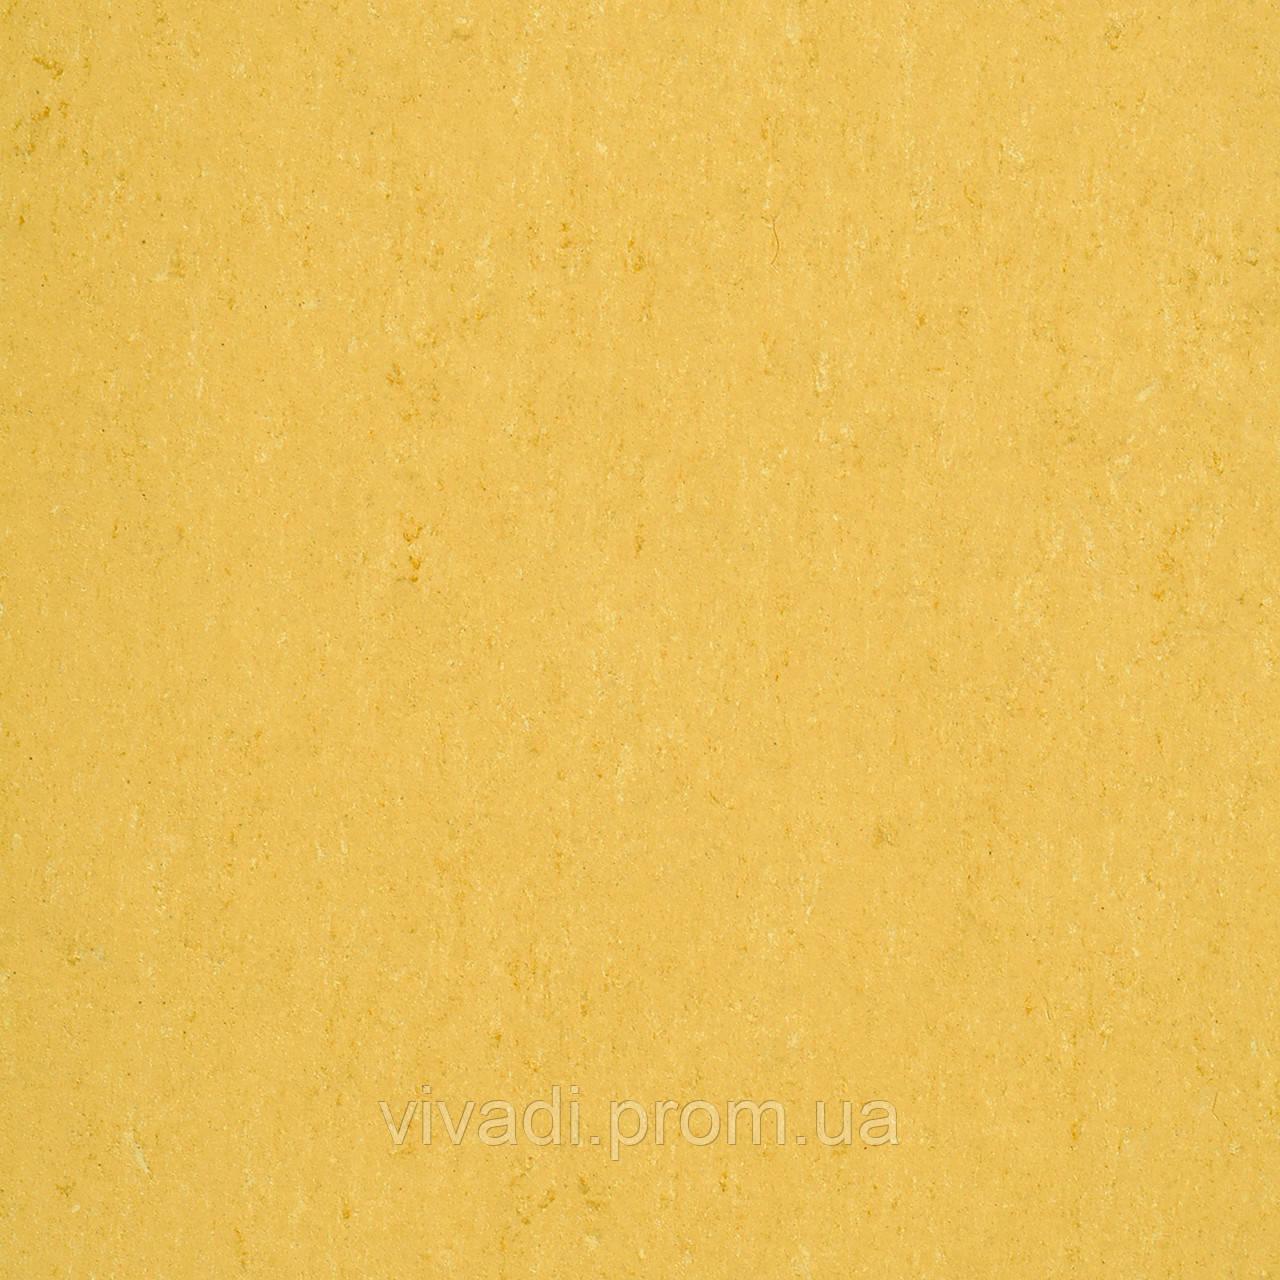 Натуральний лінолеум Colorette LPX - колір 131-071